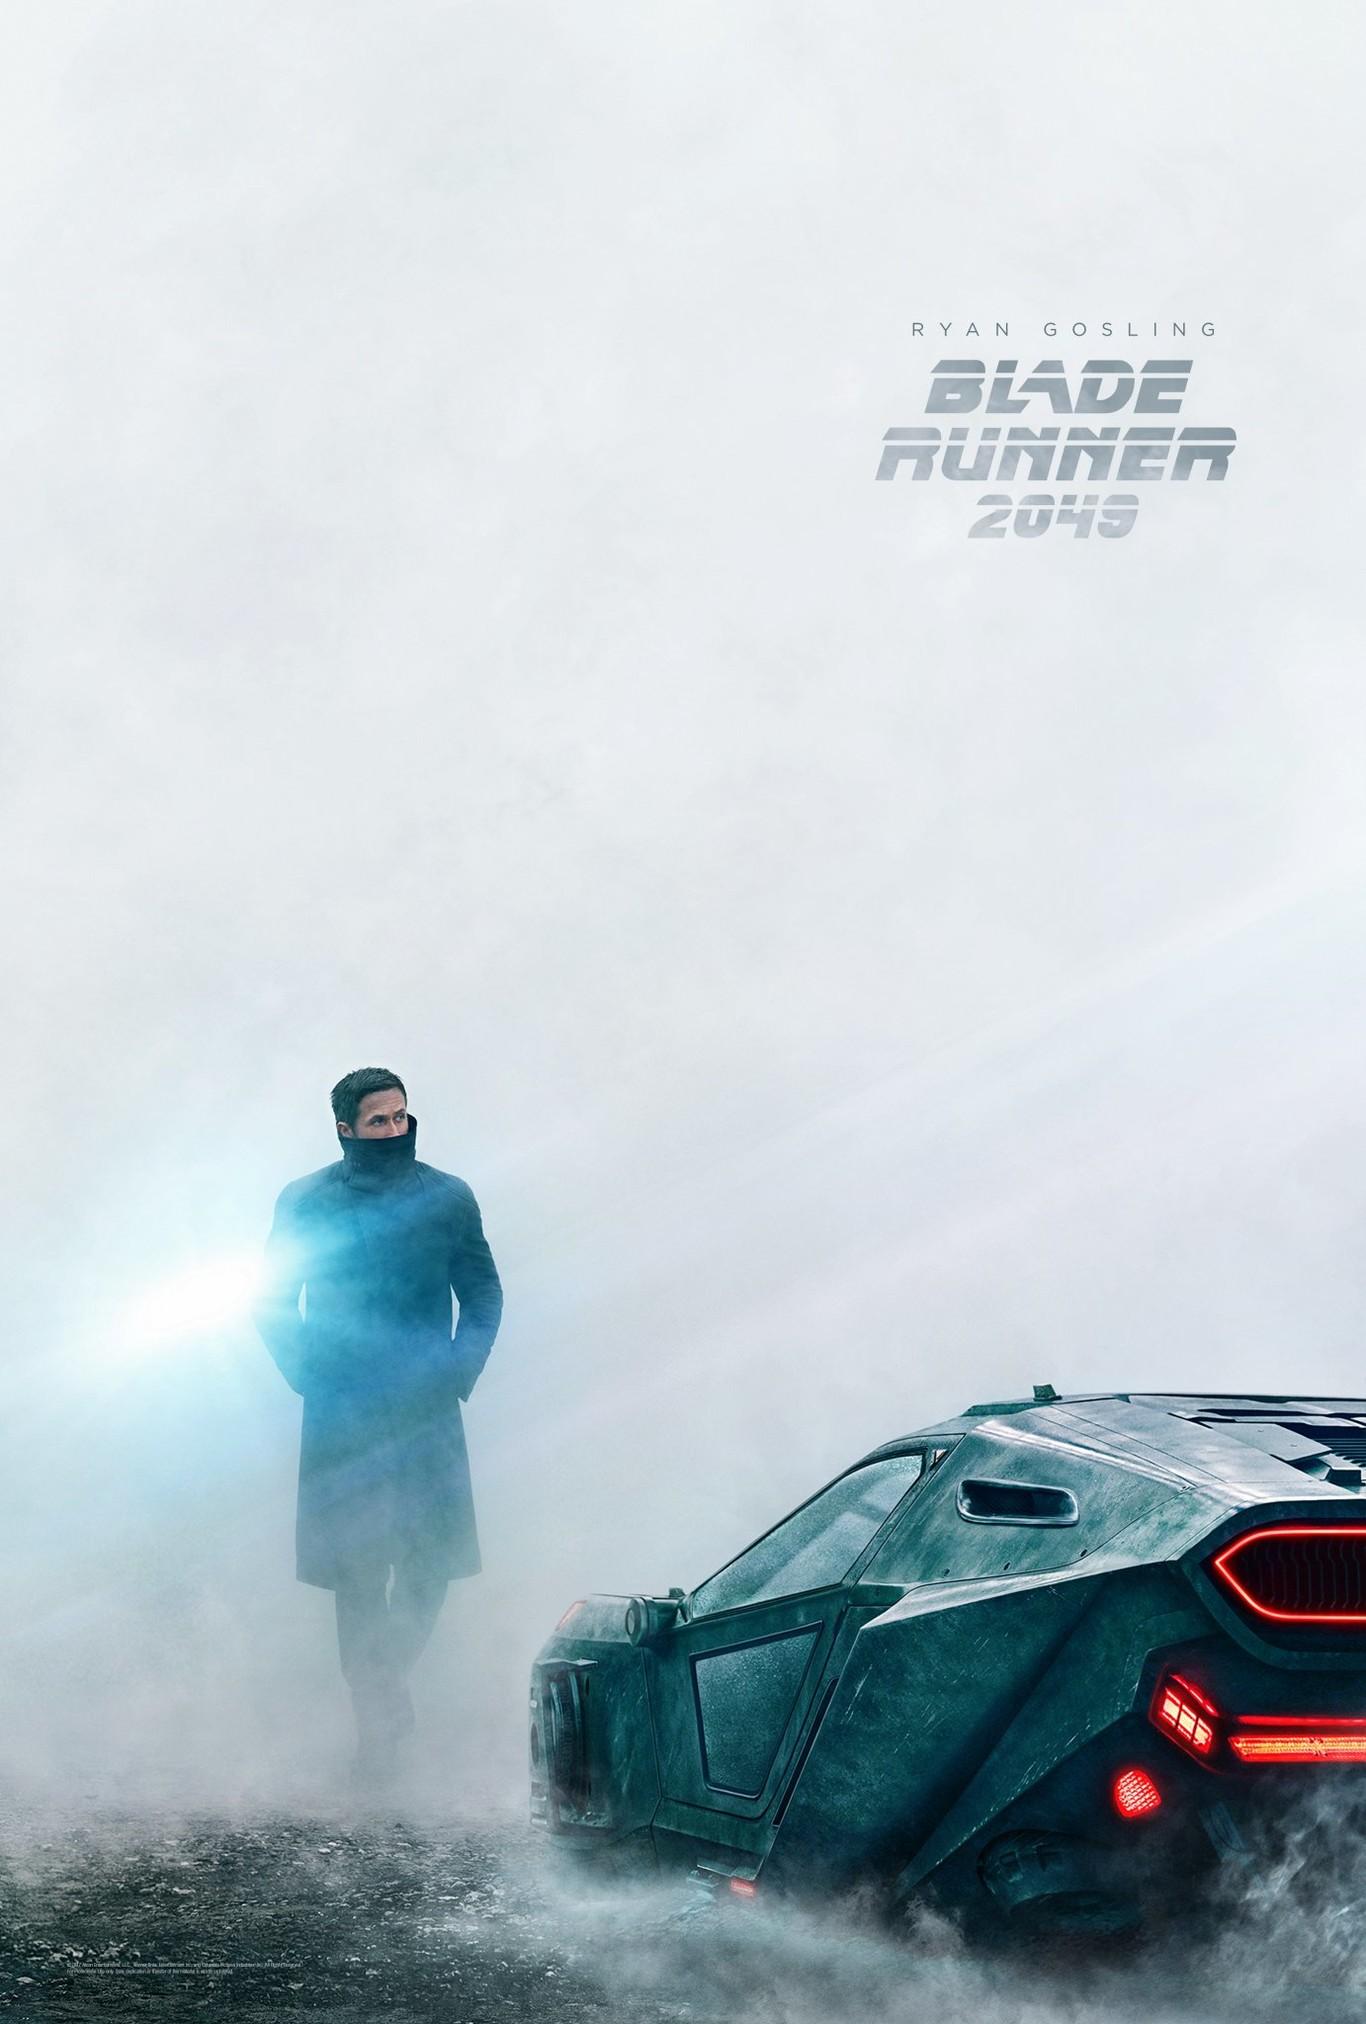 BladeRunner2049Cartel02